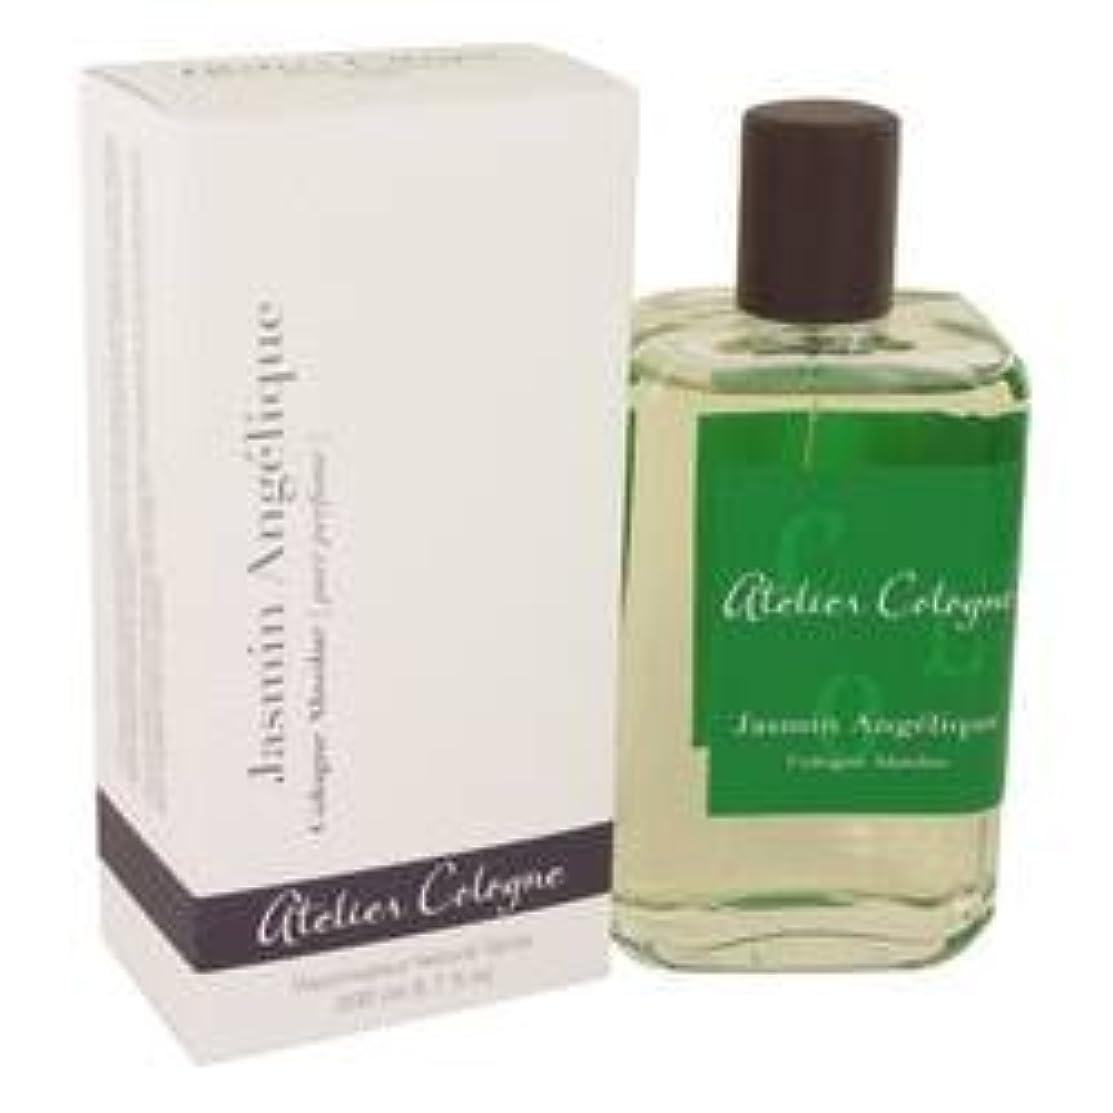 ラフ睡眠キャプチャーバンドルJasmin Angelique Pure Perfume Spray (Unisex) By Atelier Cologne